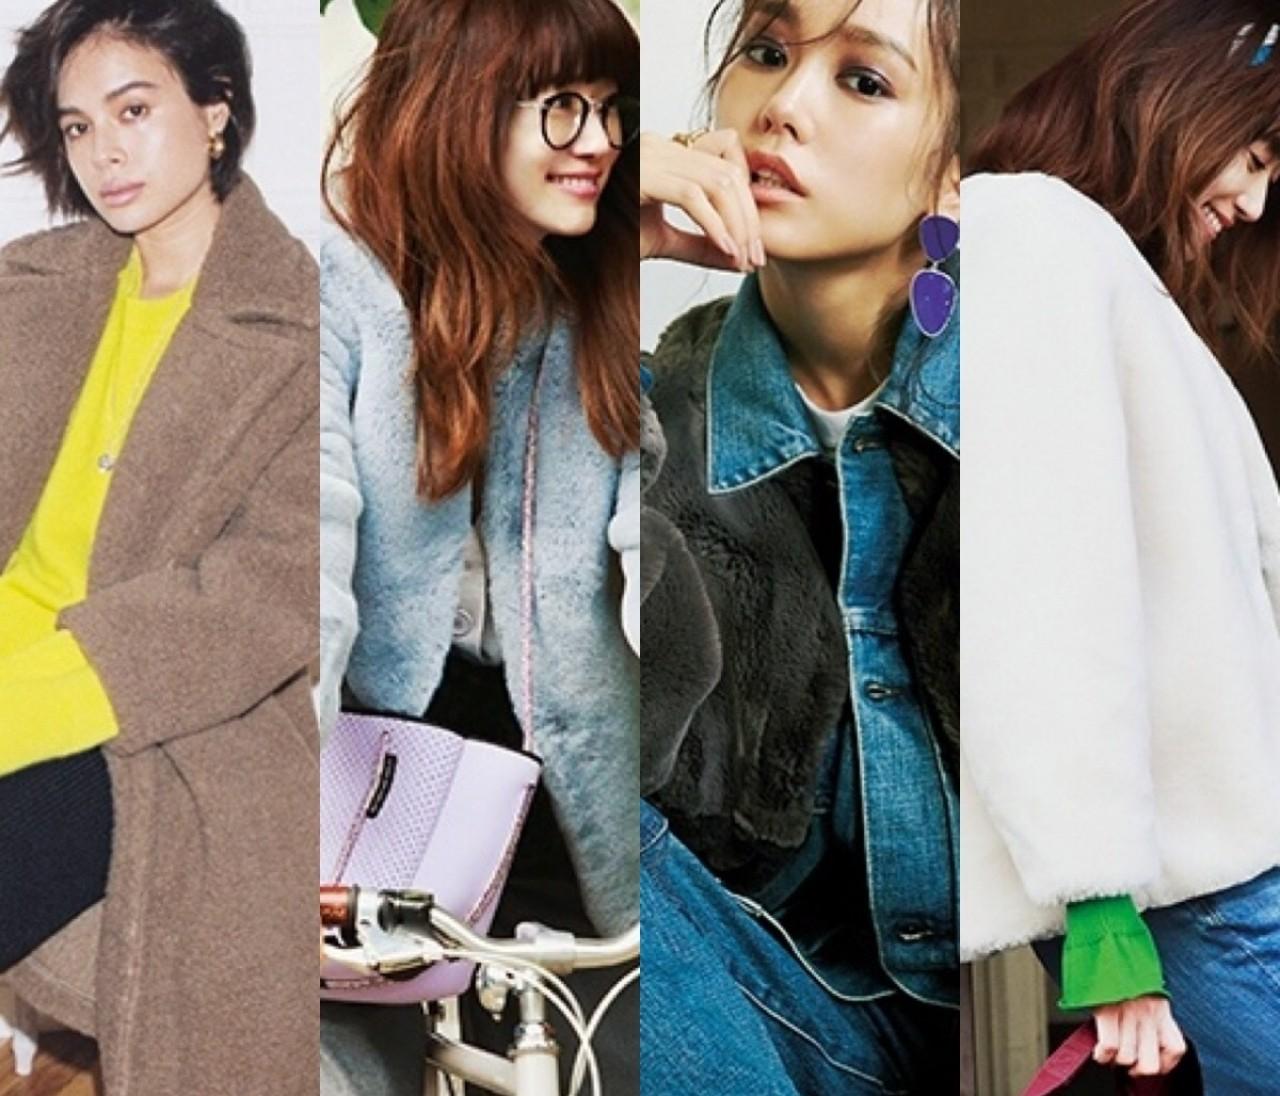 モコモコ可愛い♡【30代のファーコート】大人コーデ15選|30代レディースファッション